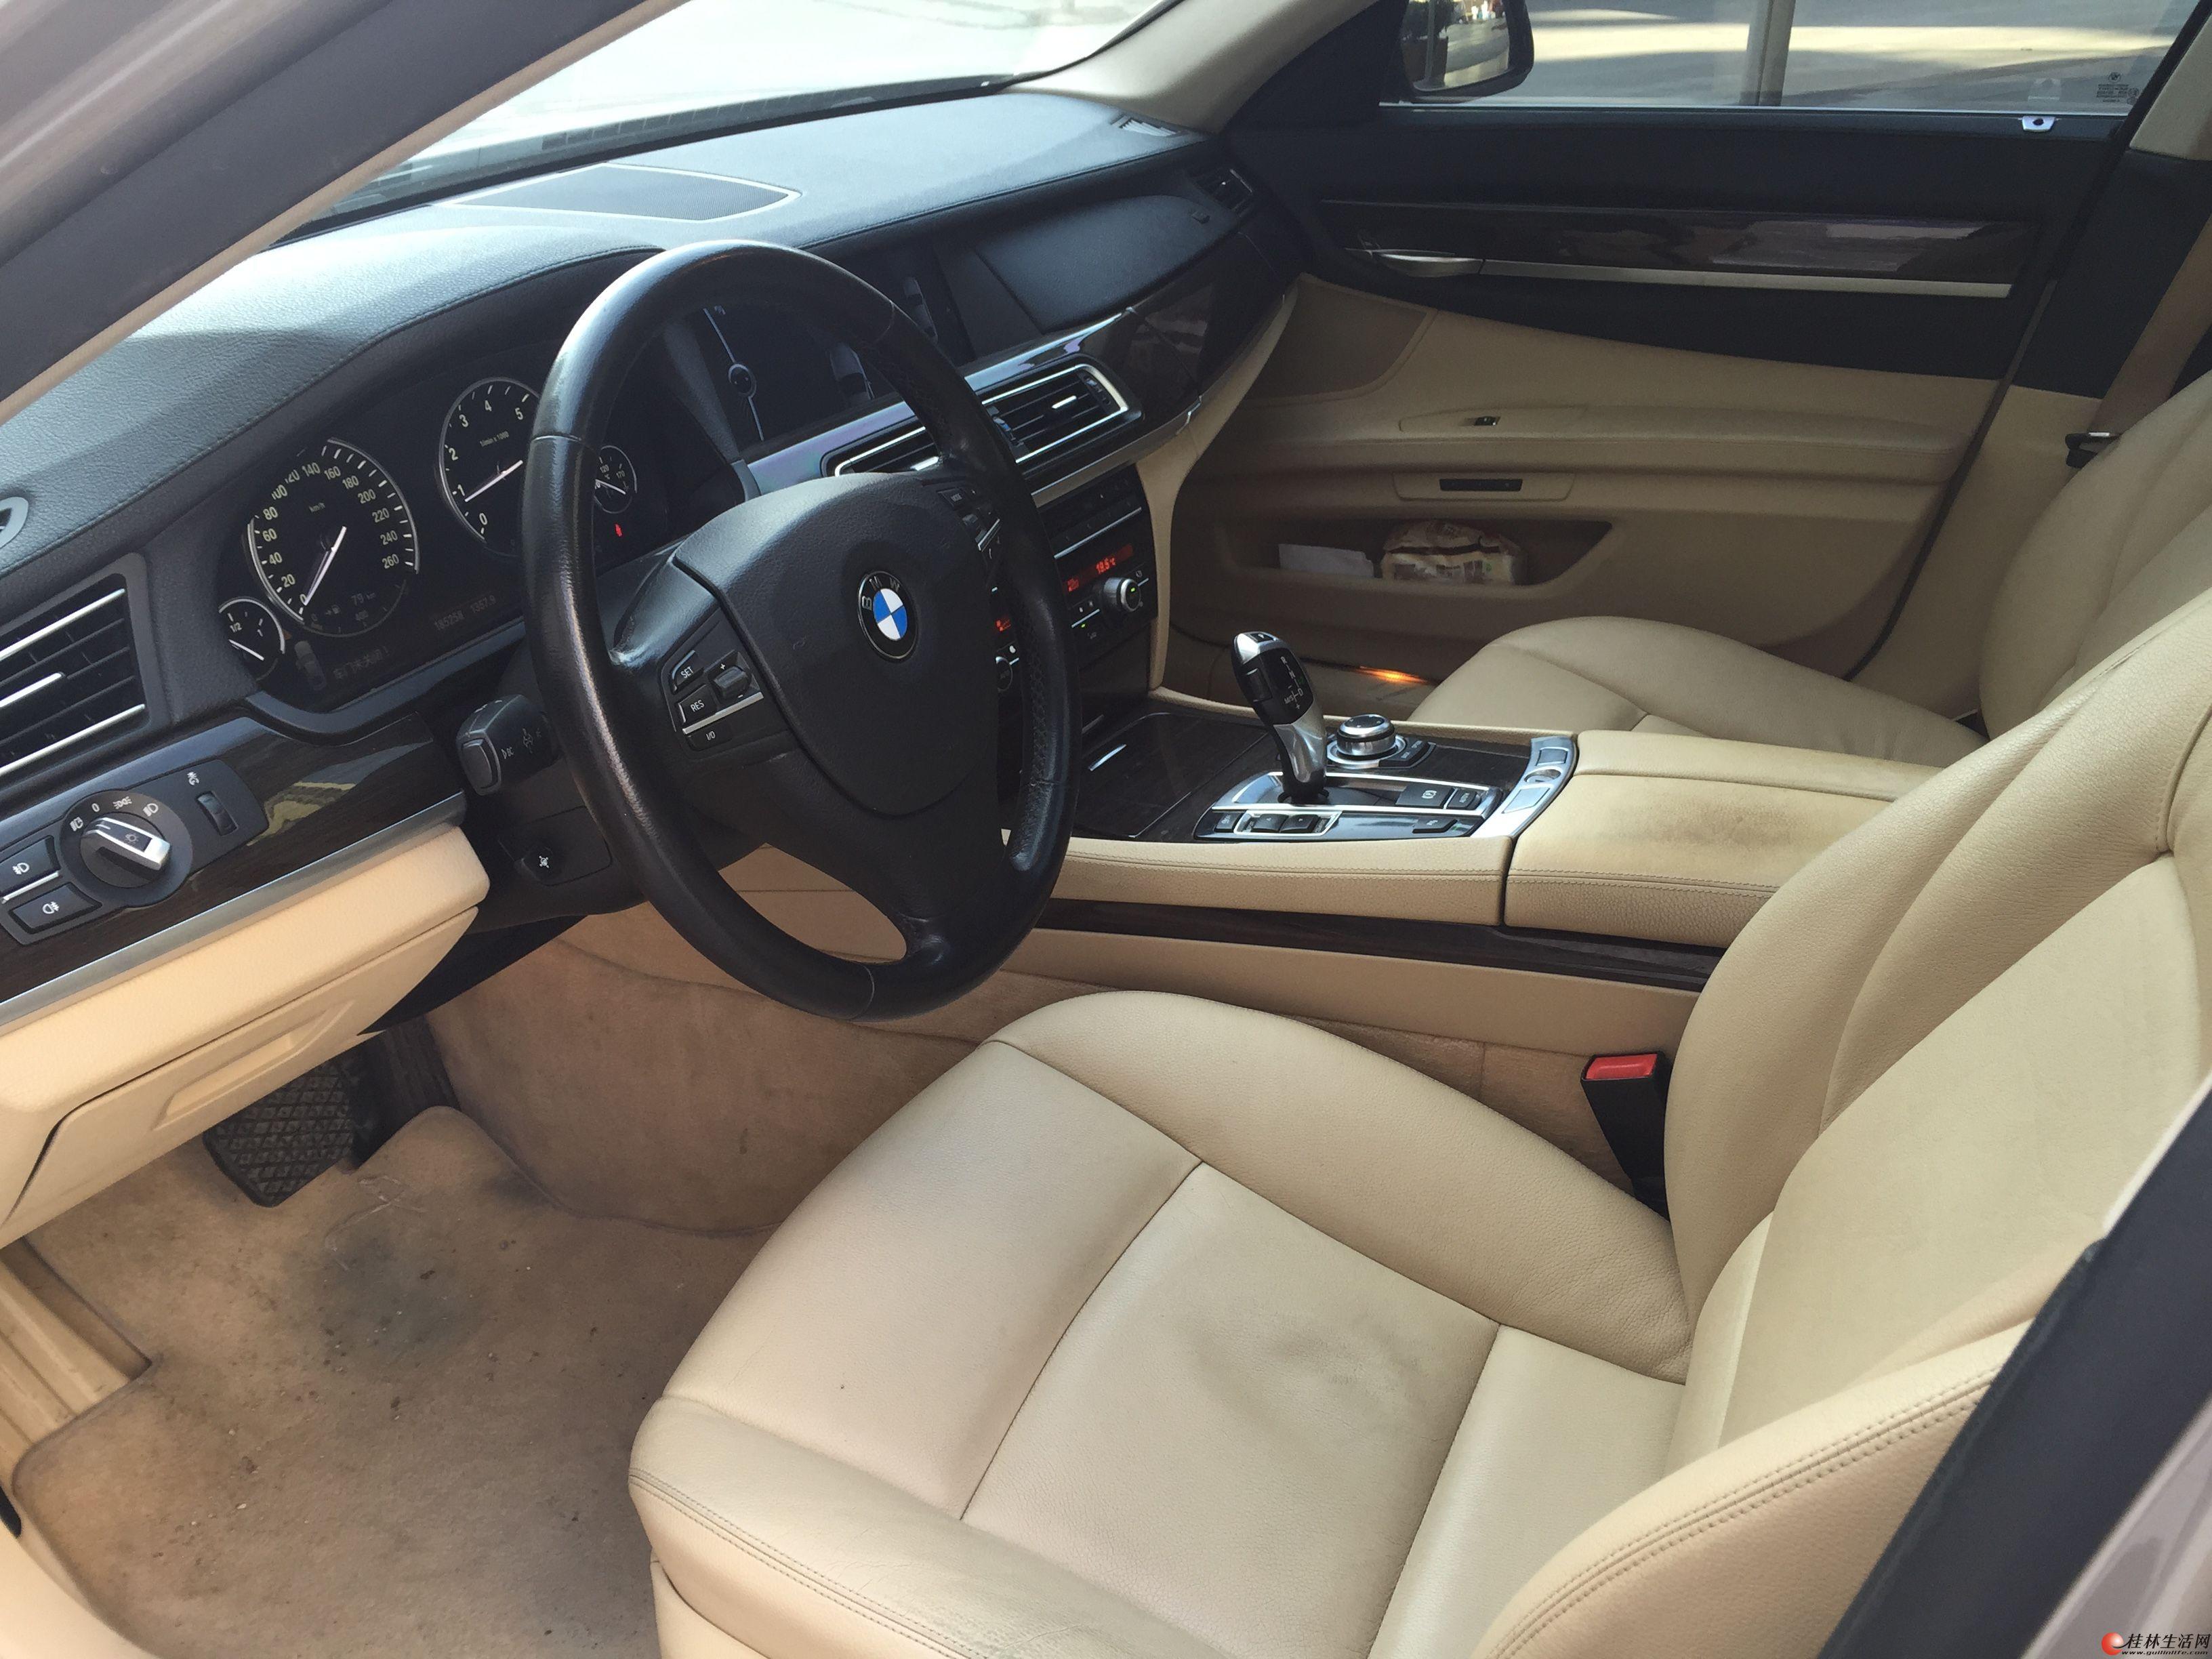 2010年宝马7系730,4门5座,3.0L自然吸气,无钥匙进入启动,空气悬挂等豪华配置转让